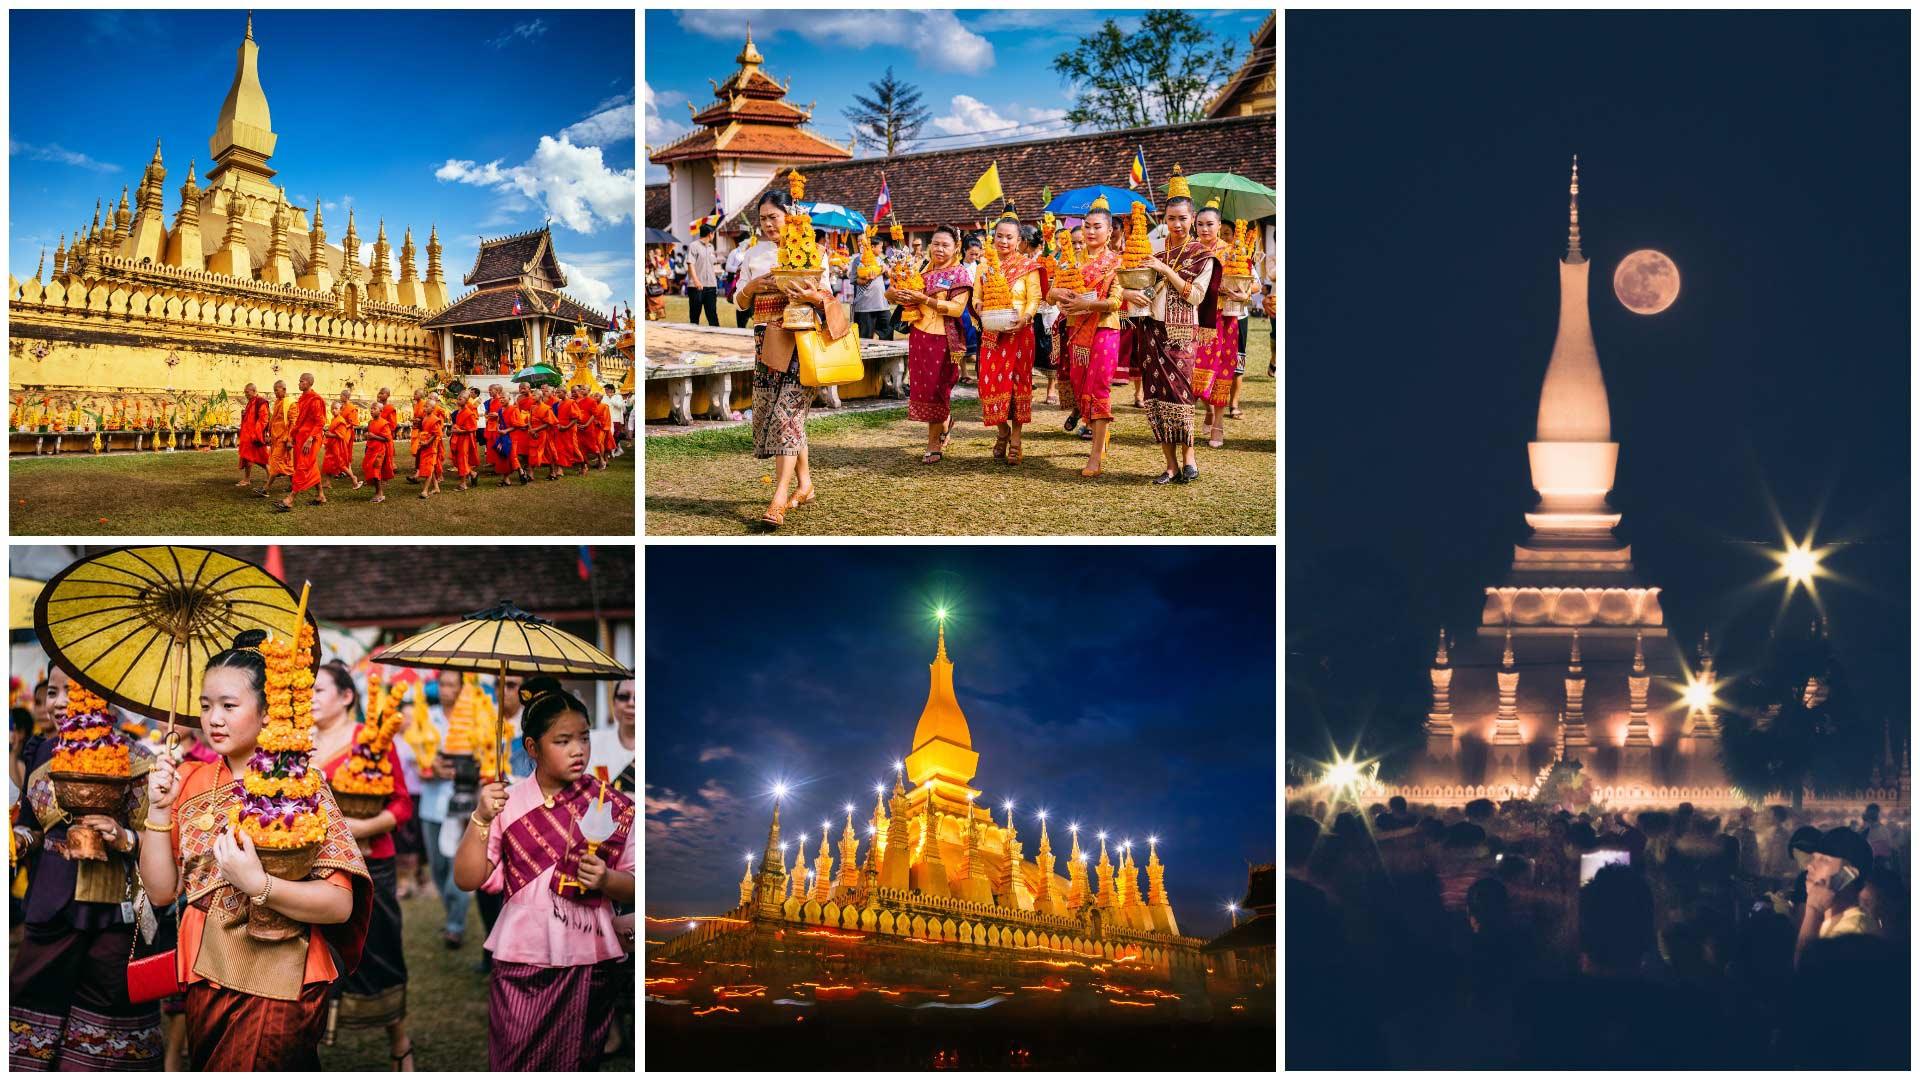 Boun That Luang festival